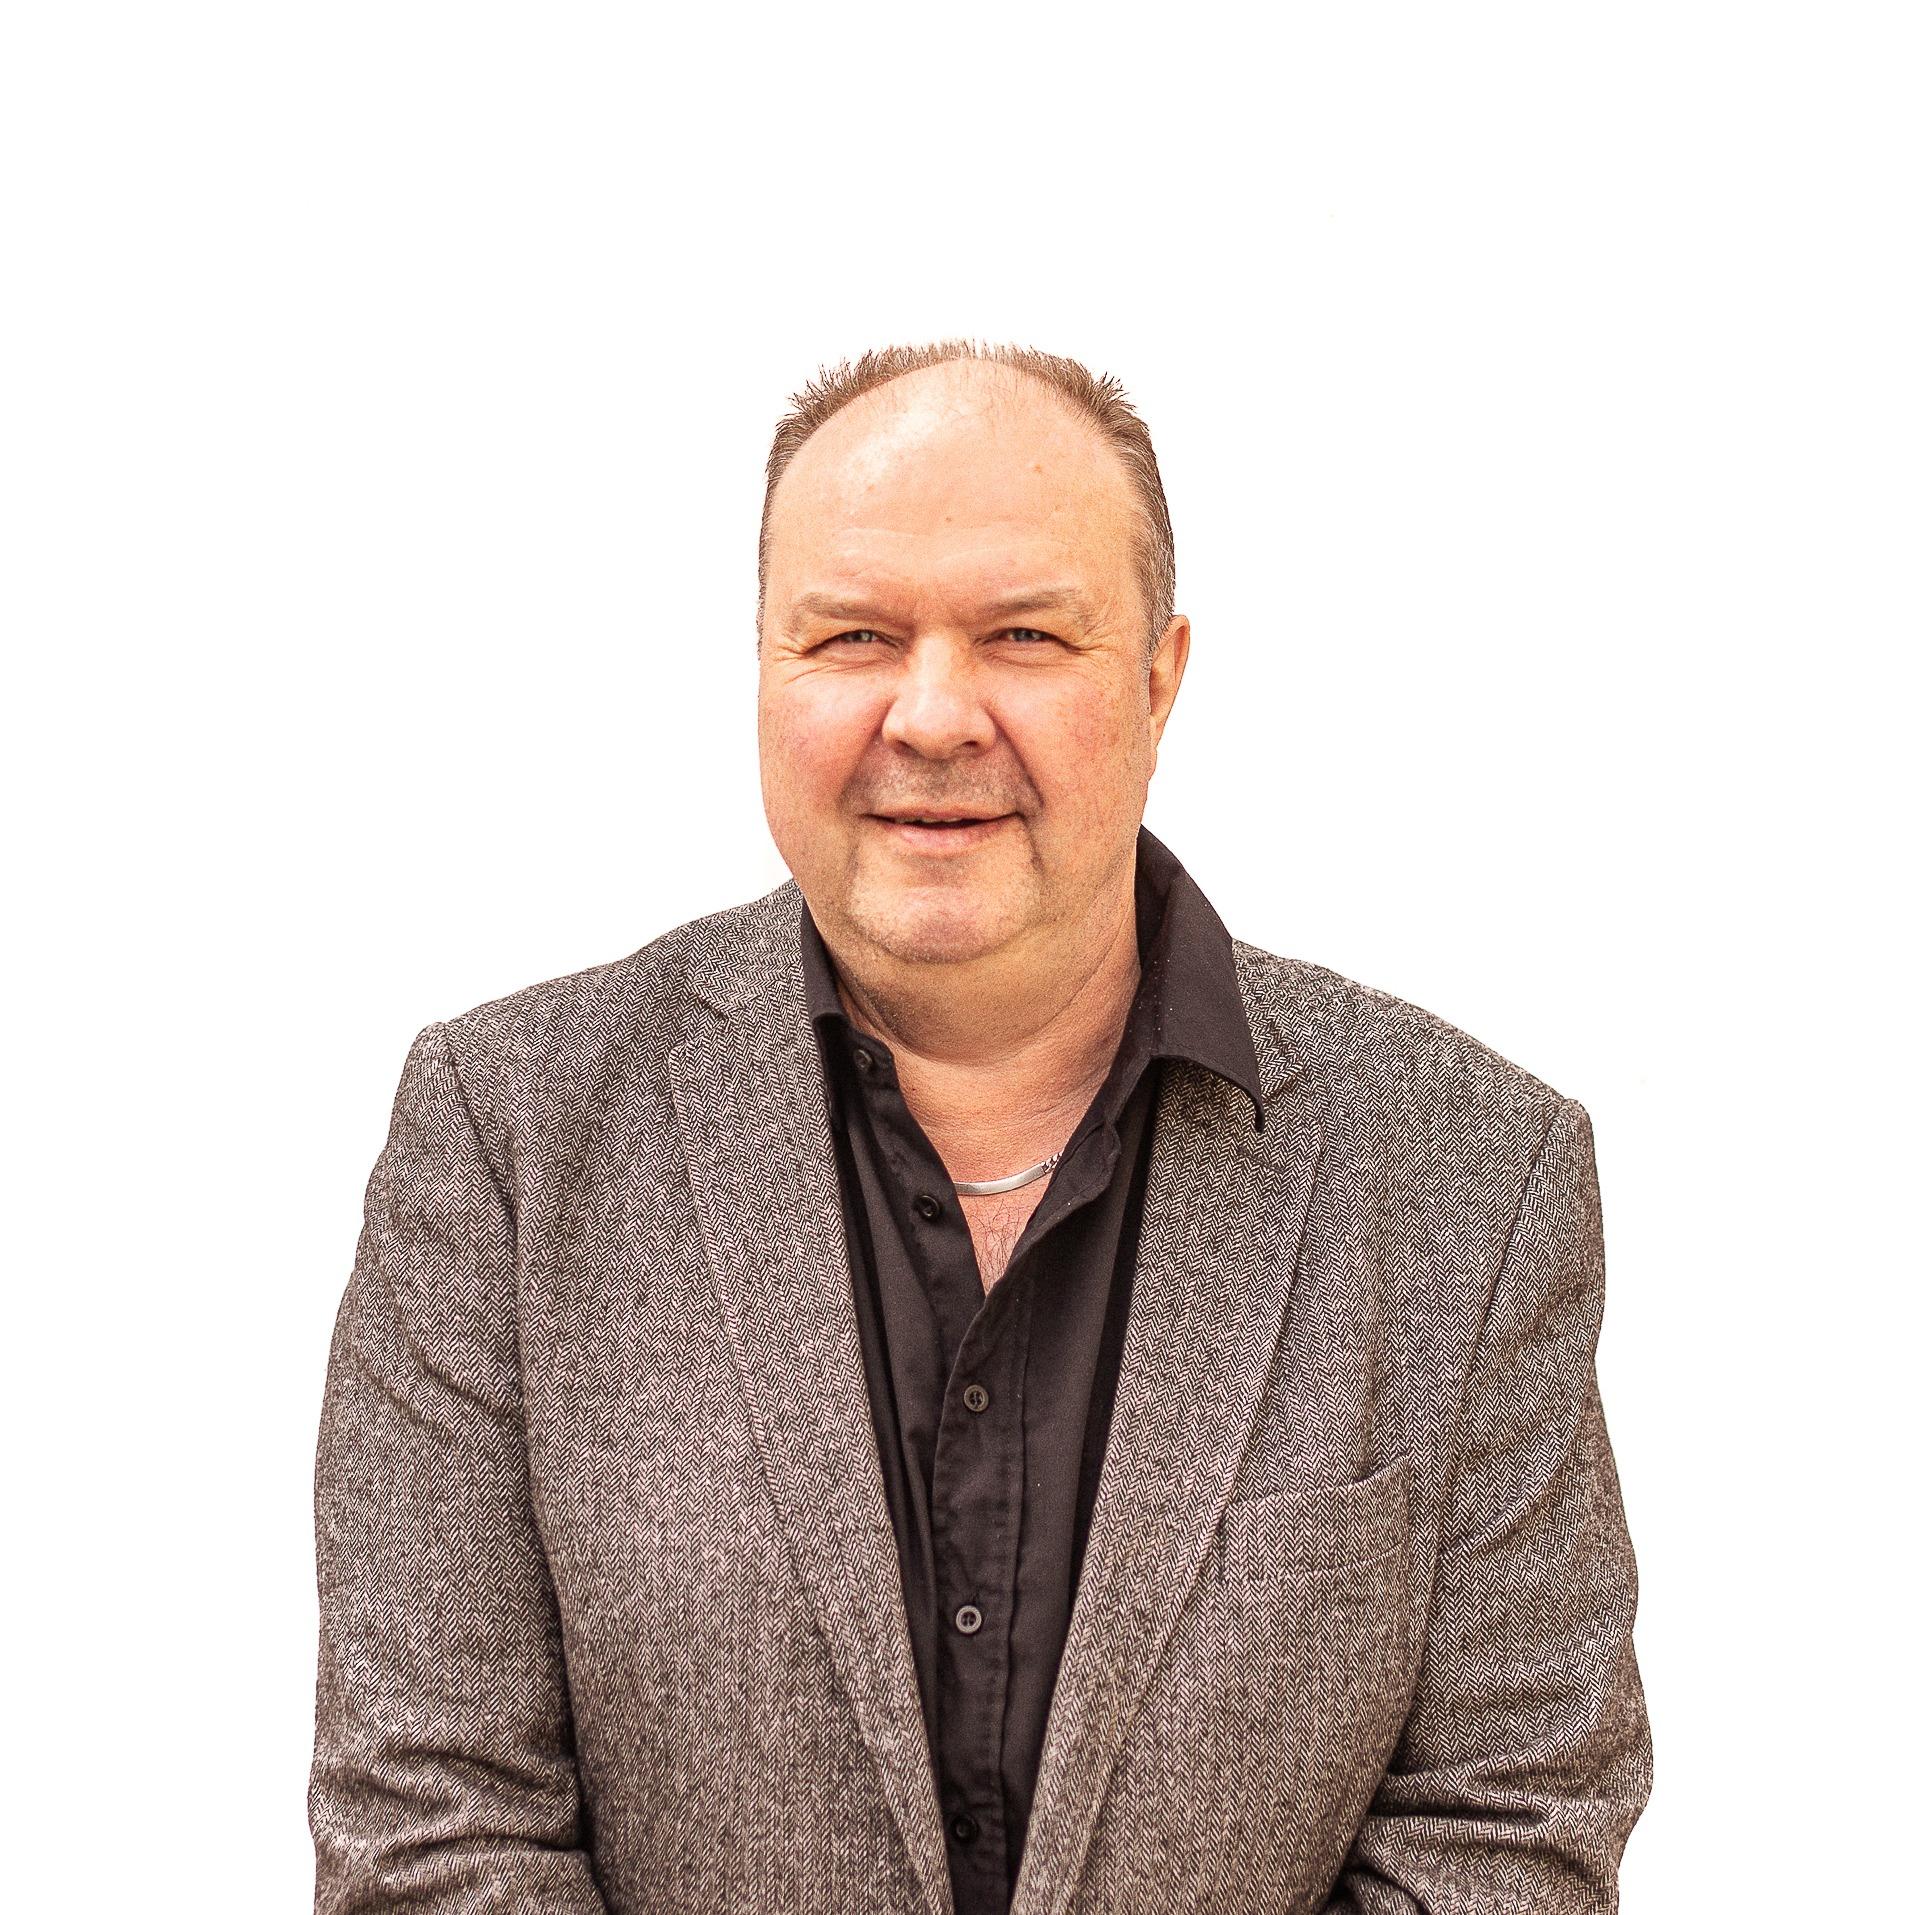 Jari Seppänen